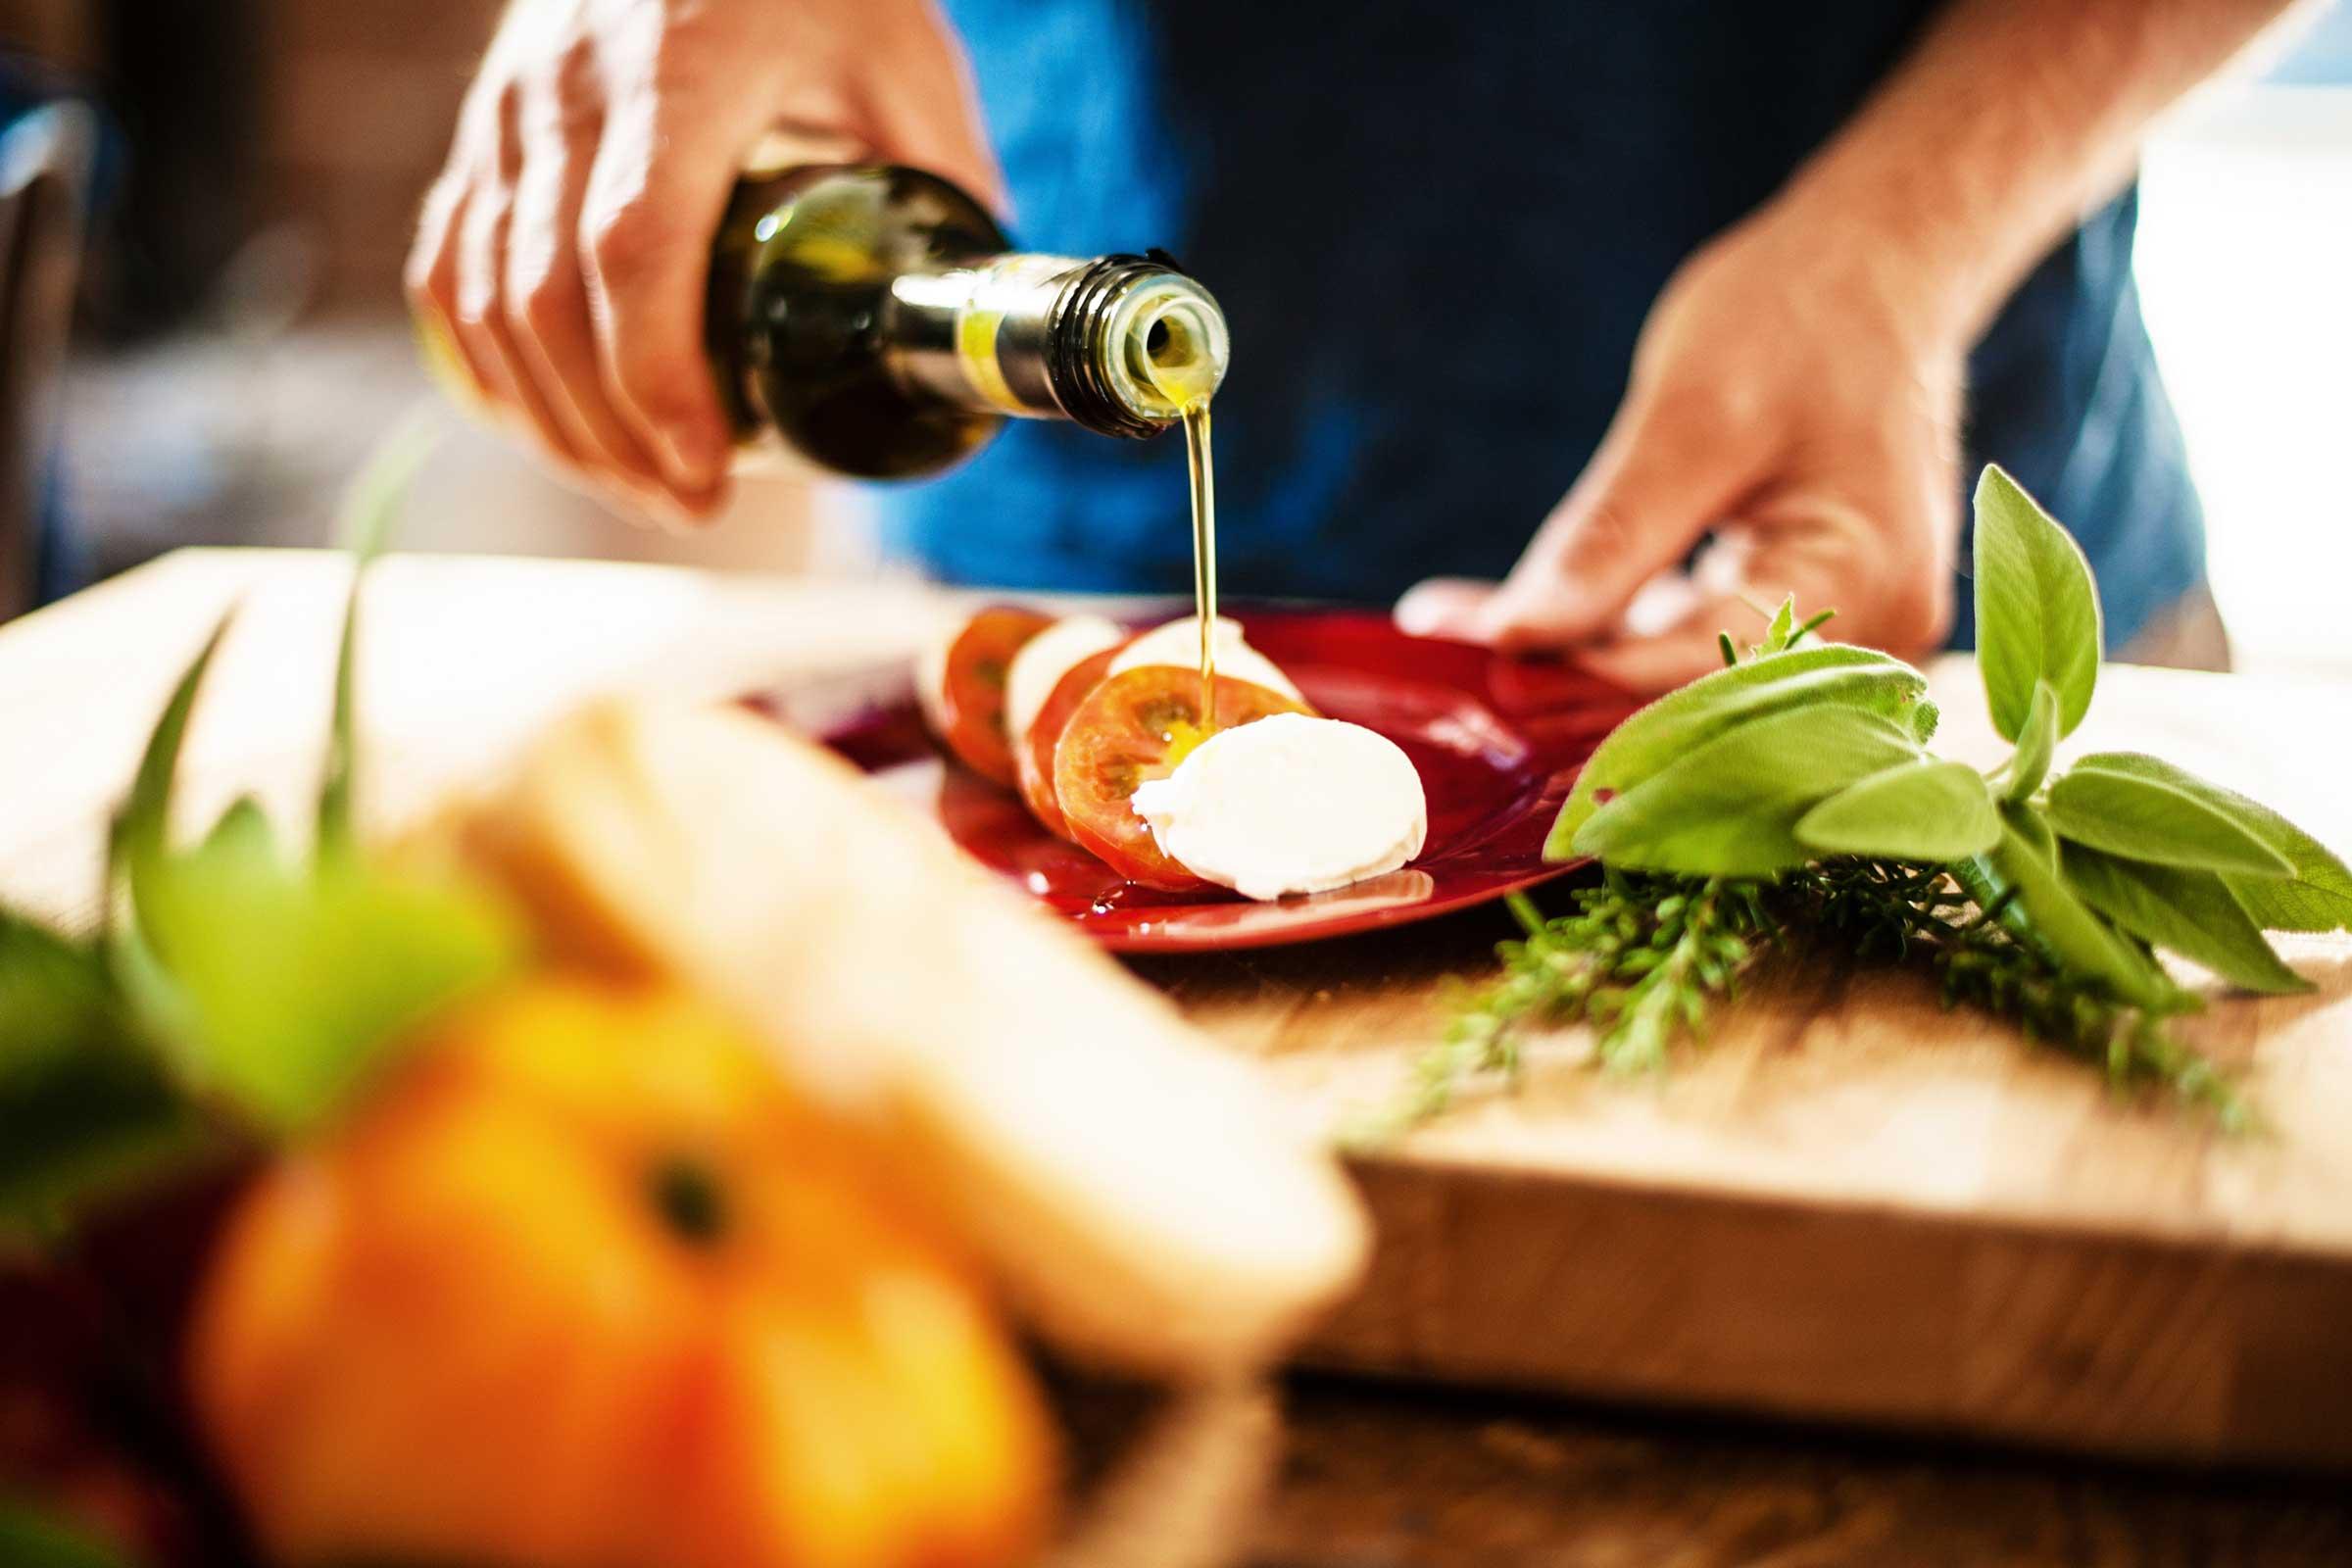 Bí quyết chống nhăn da hiệu quả với 5 thực phẩm vô cùng dễ tìm - Ảnh 4.